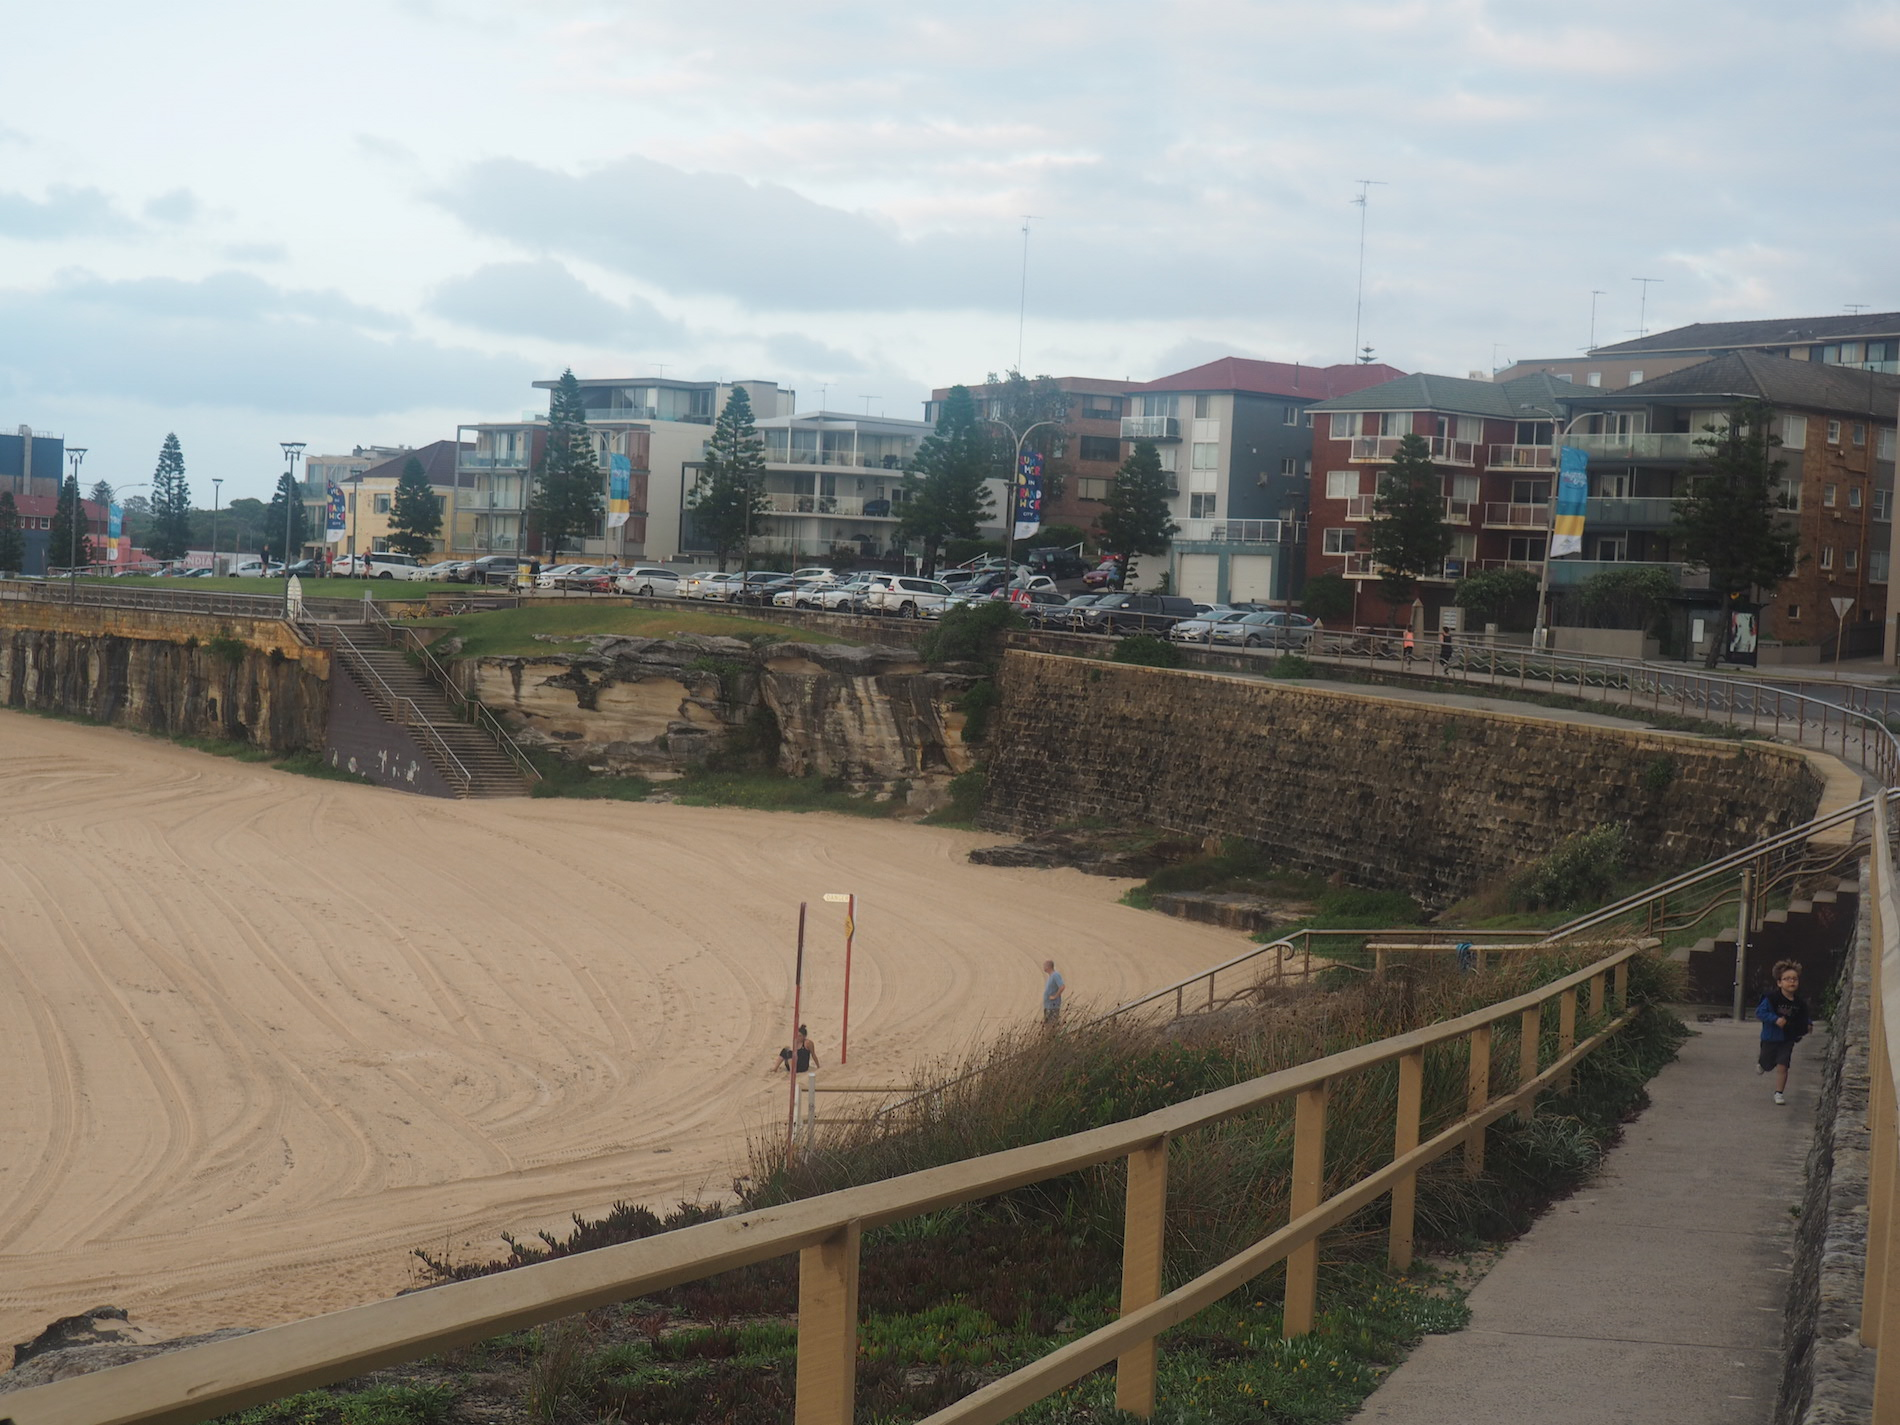 maroubra_beach_03